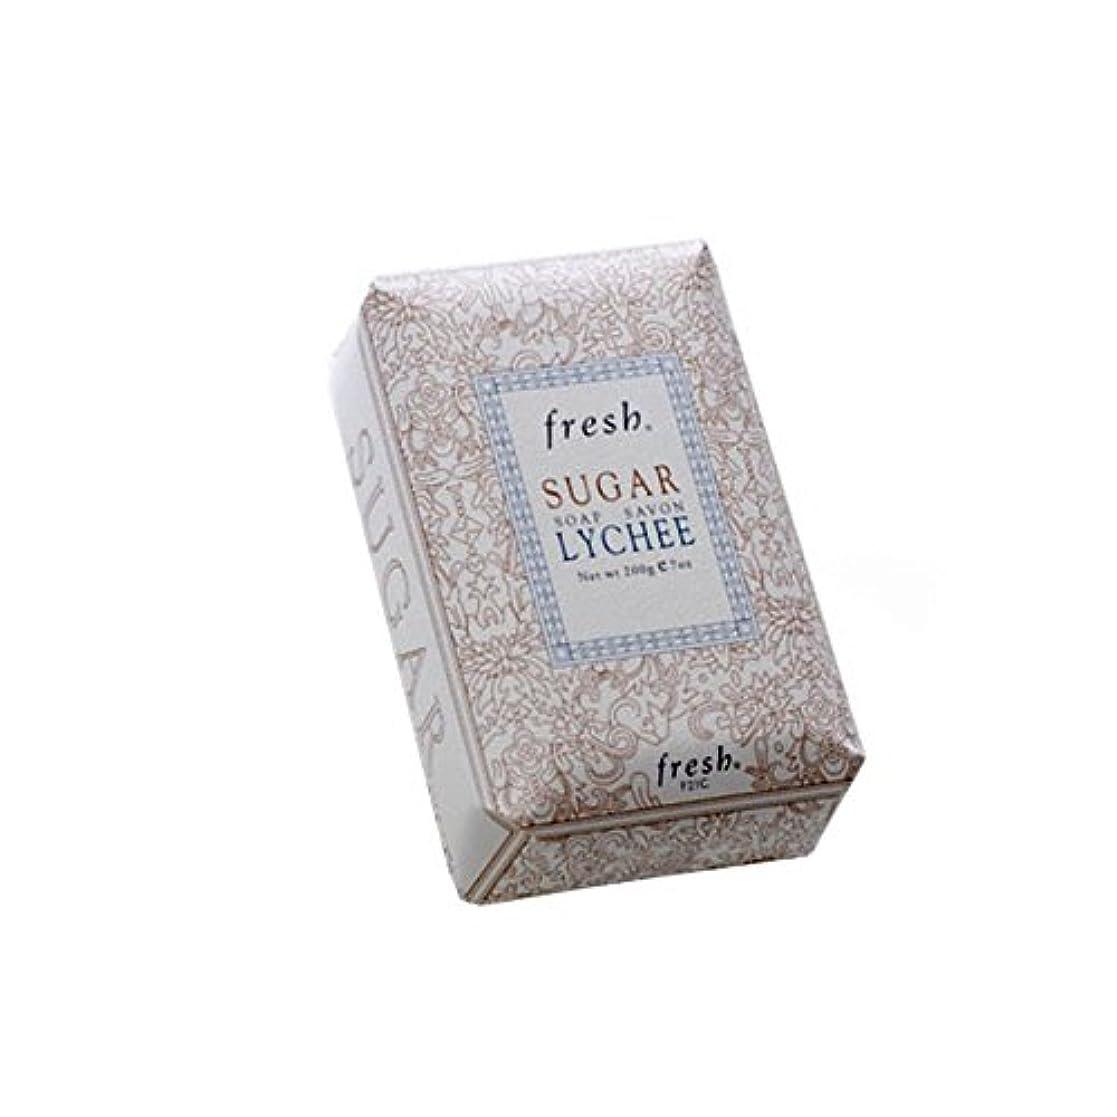 日の出舞い上がるスポーツFresh フレッシュ シュガーライチ石鹸 Sugar Lychee Soap, 200g/7oz [海外直送品] [並行輸入品]